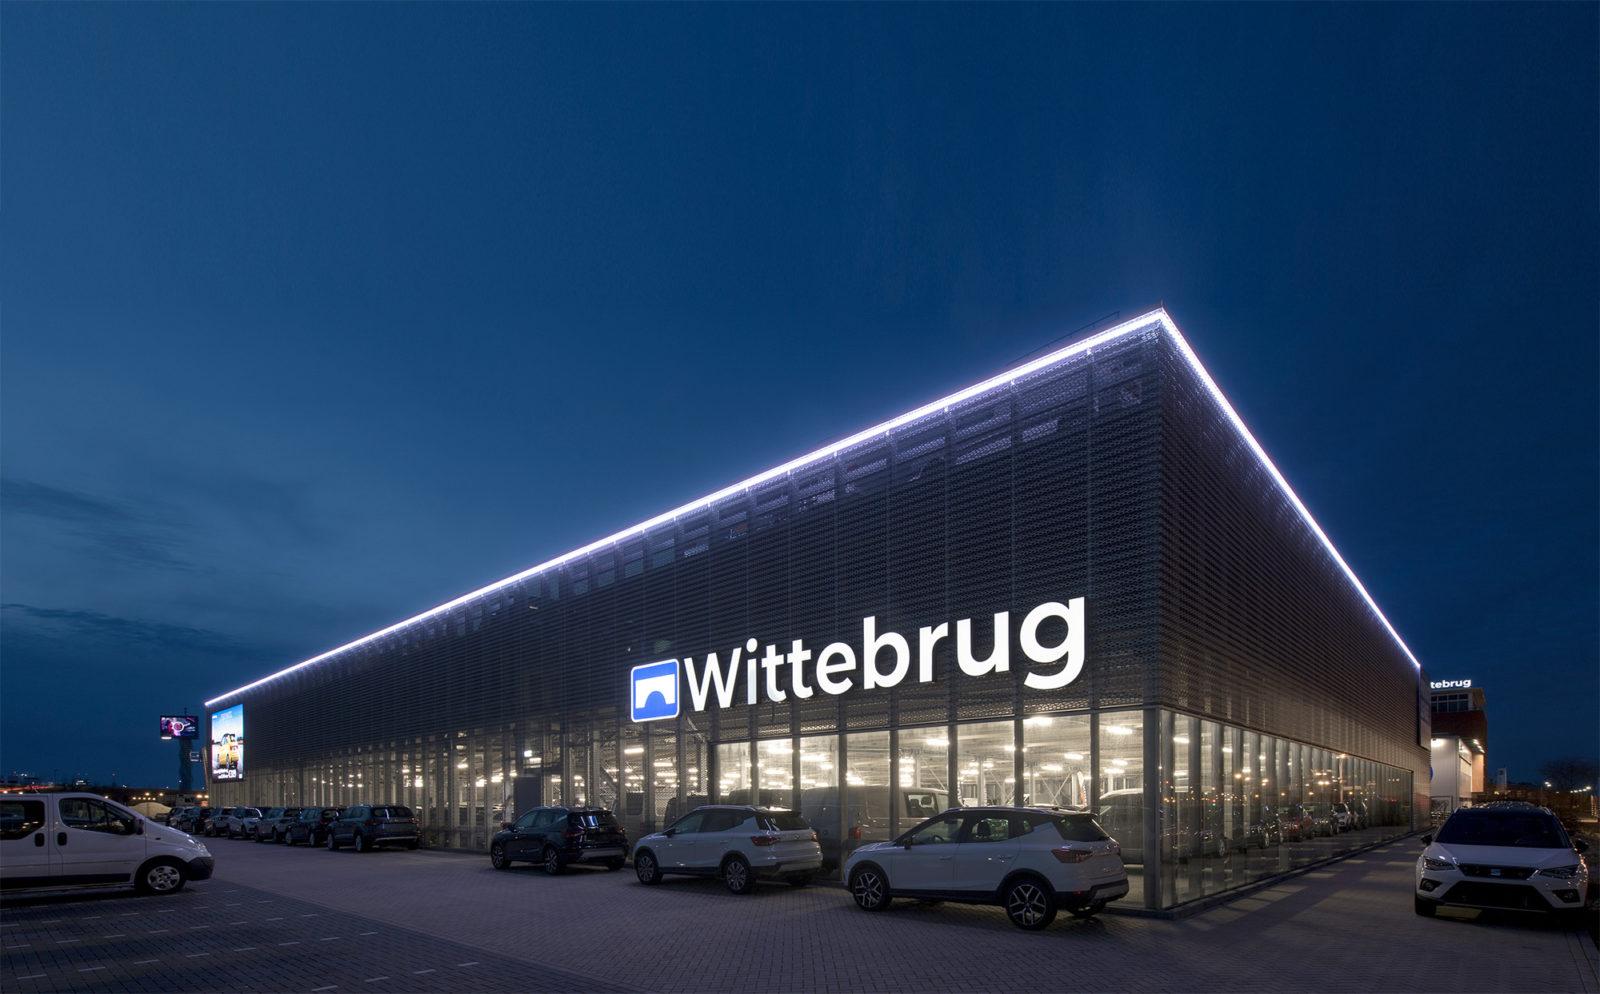 Wittebrug Den Haag